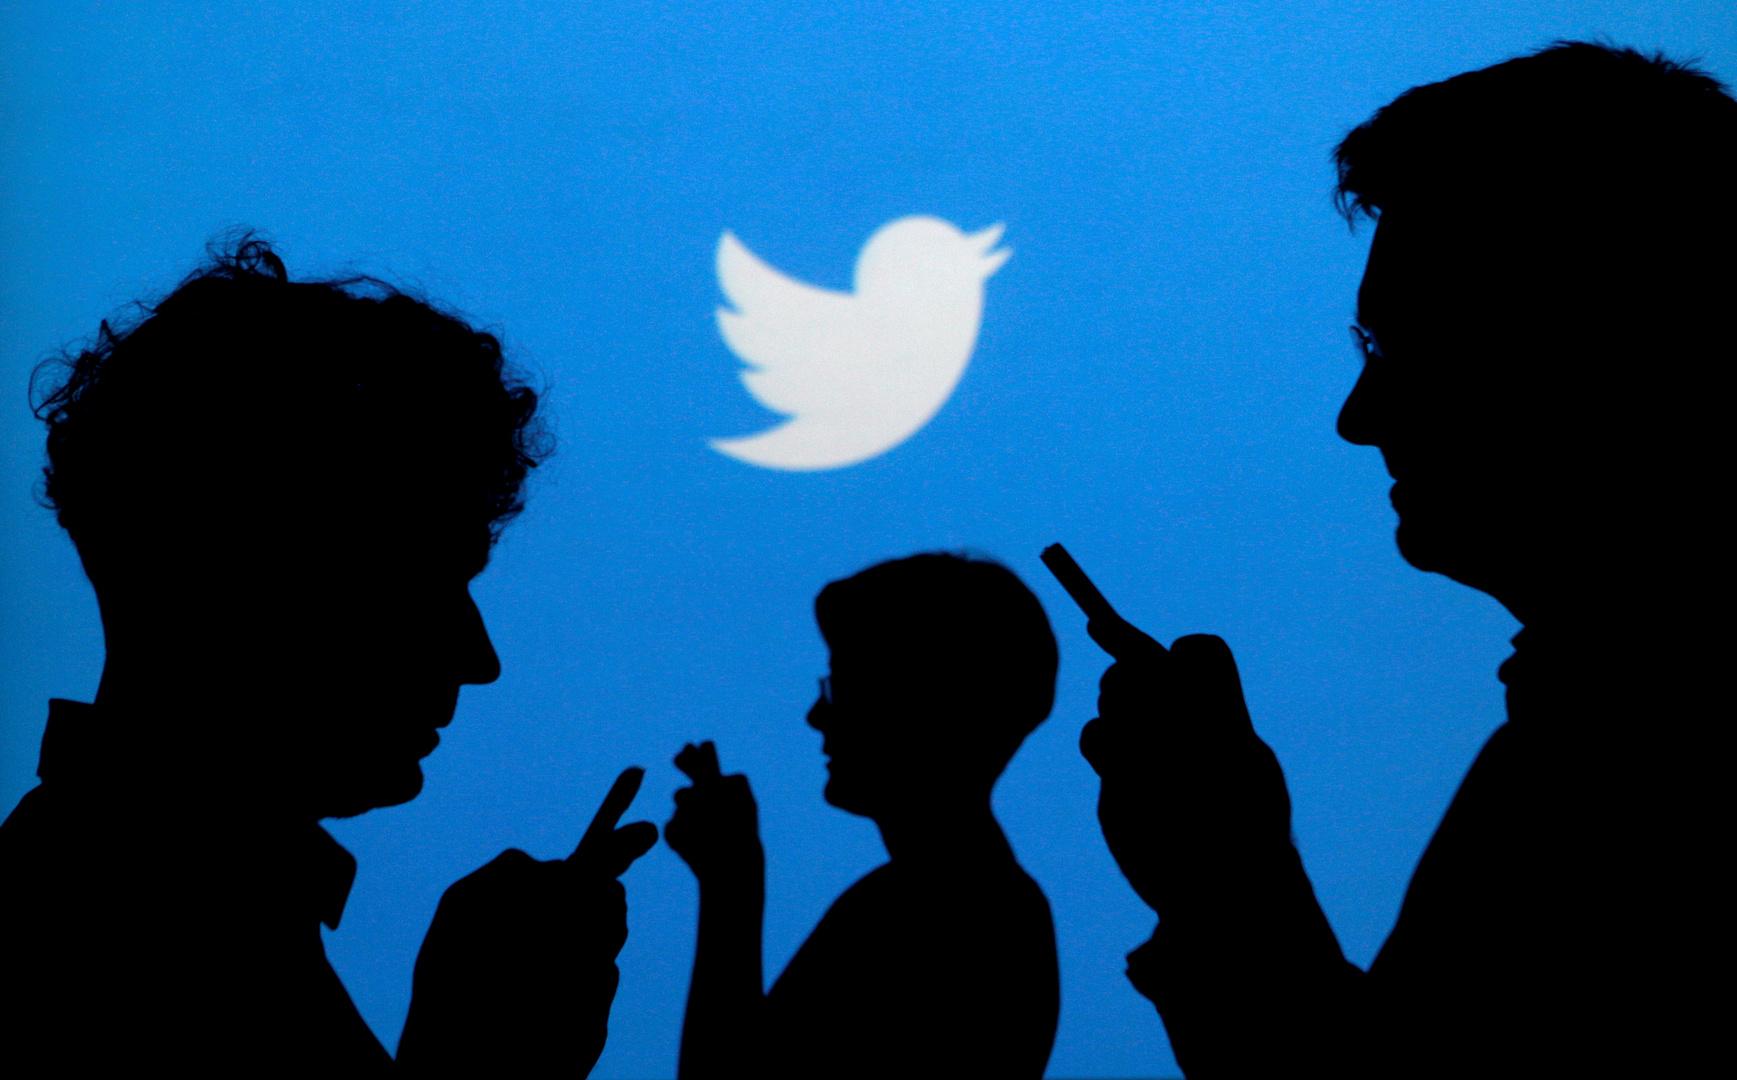 الكشف عن التغريدة الأكثر انتشارا في